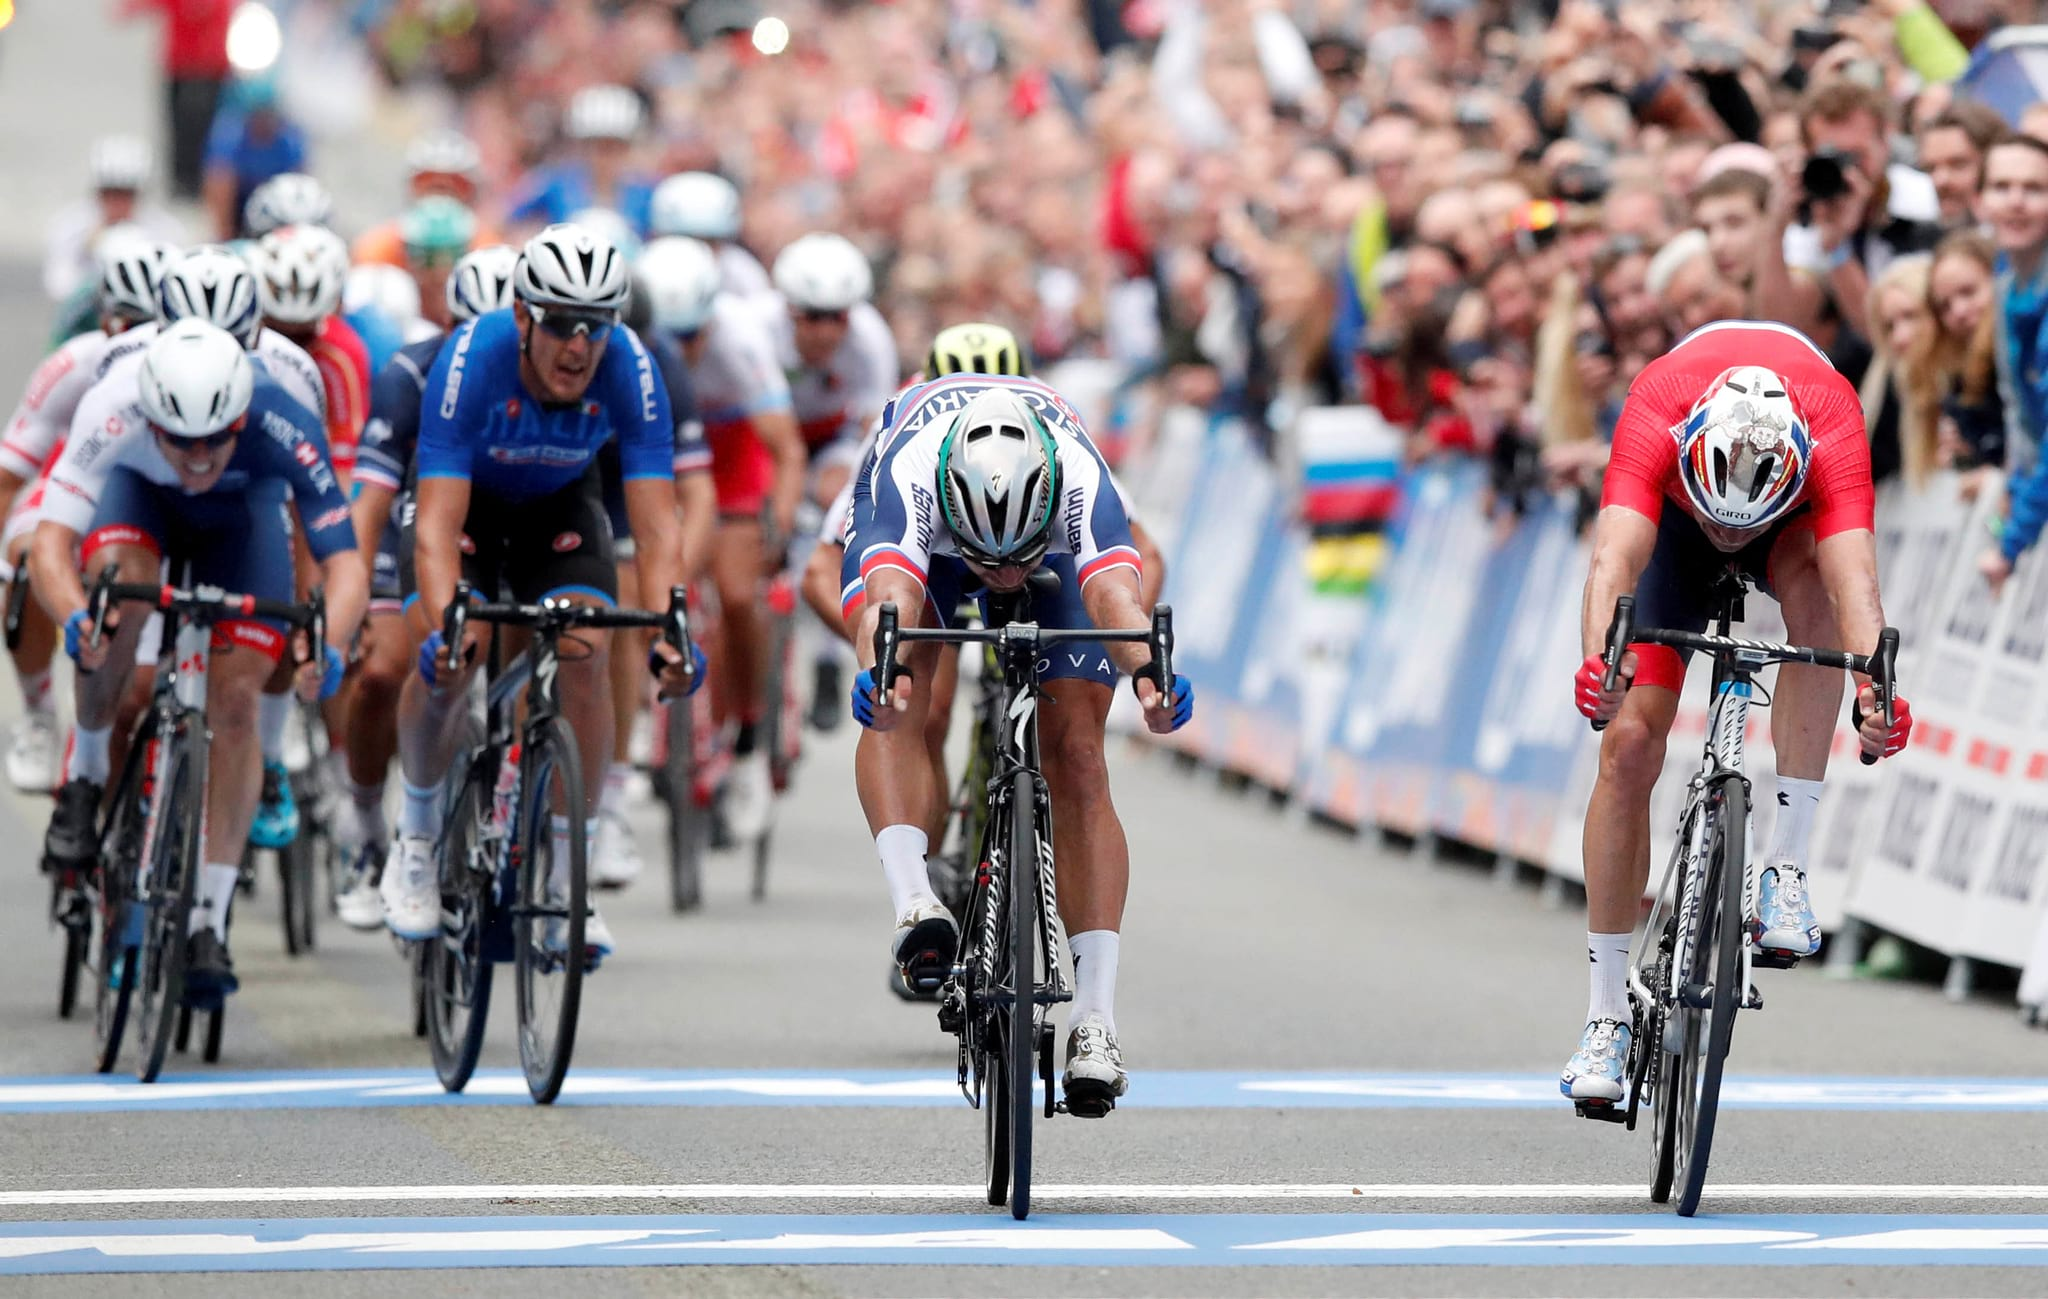 PÚBLICO - Peter Sagan campeão do mundo pela terceira vez consecutiva